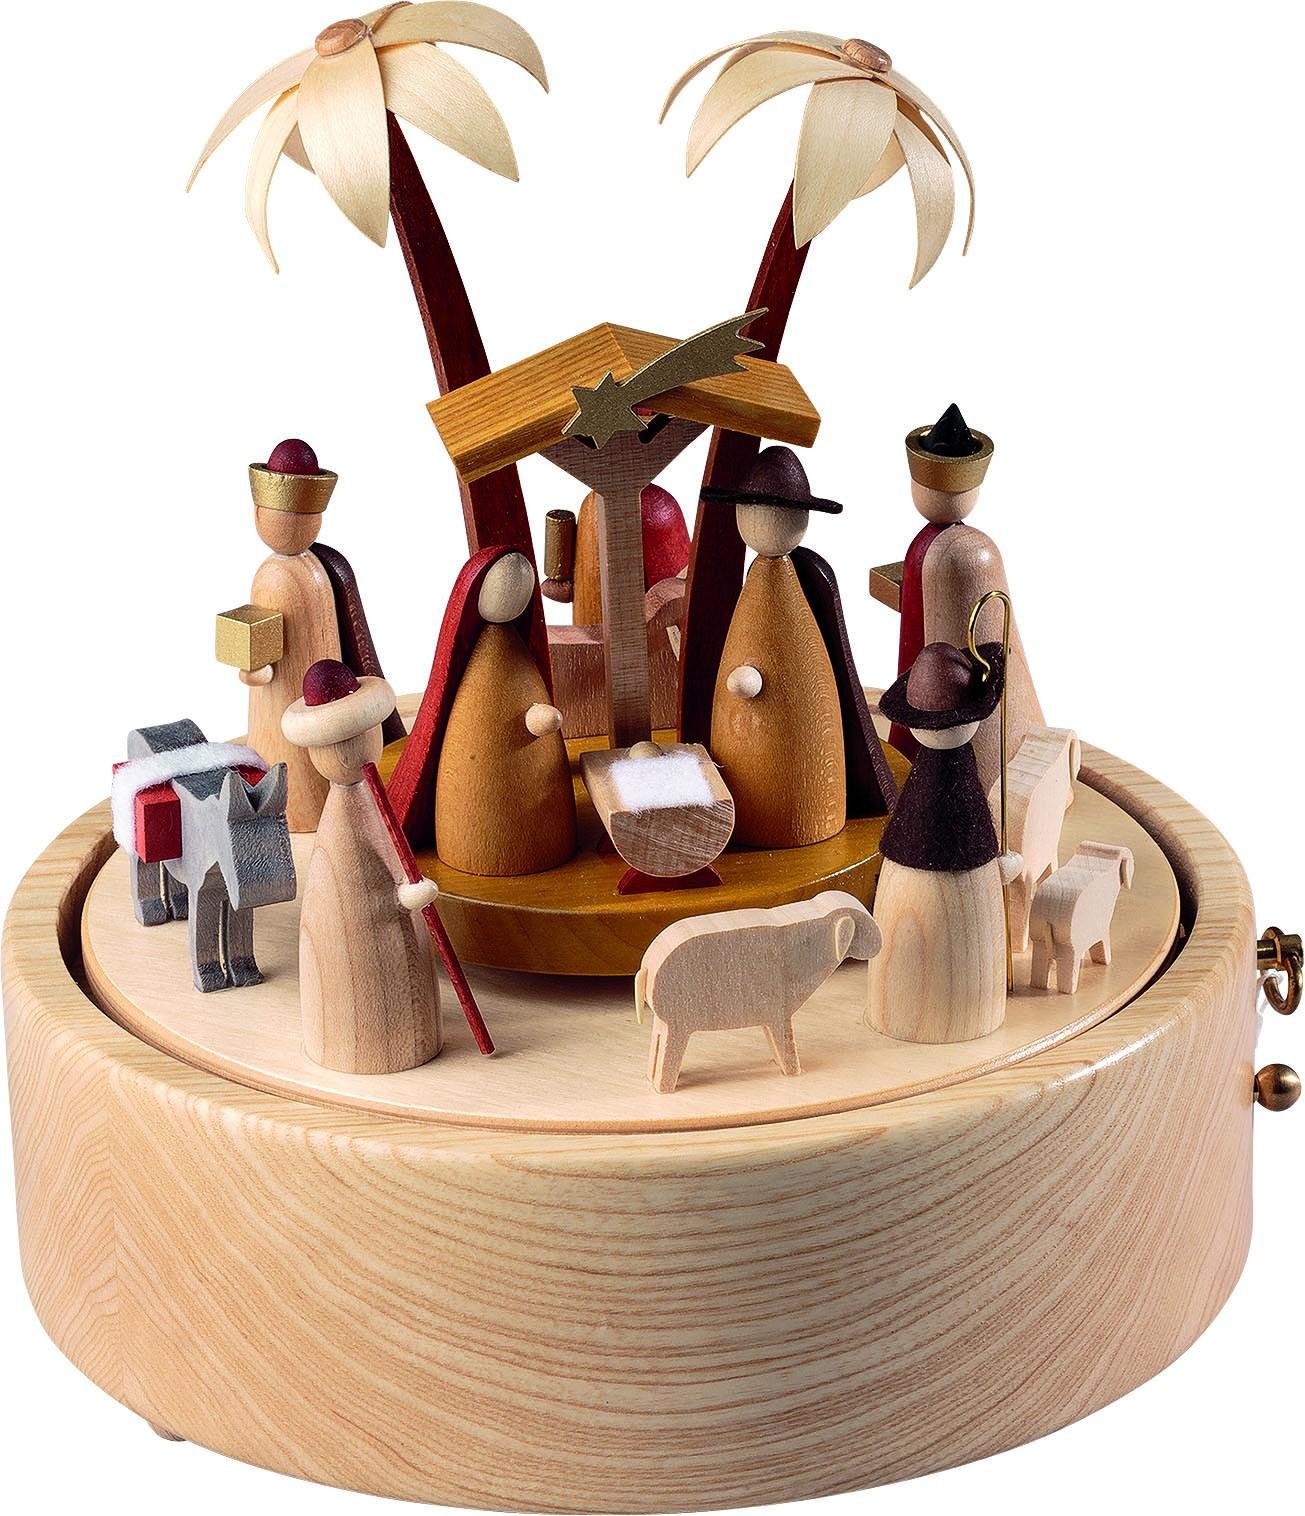 Spieldose Christi Geburt, 36-st. Spw. Stille Nacht, neues Naturholzdesign